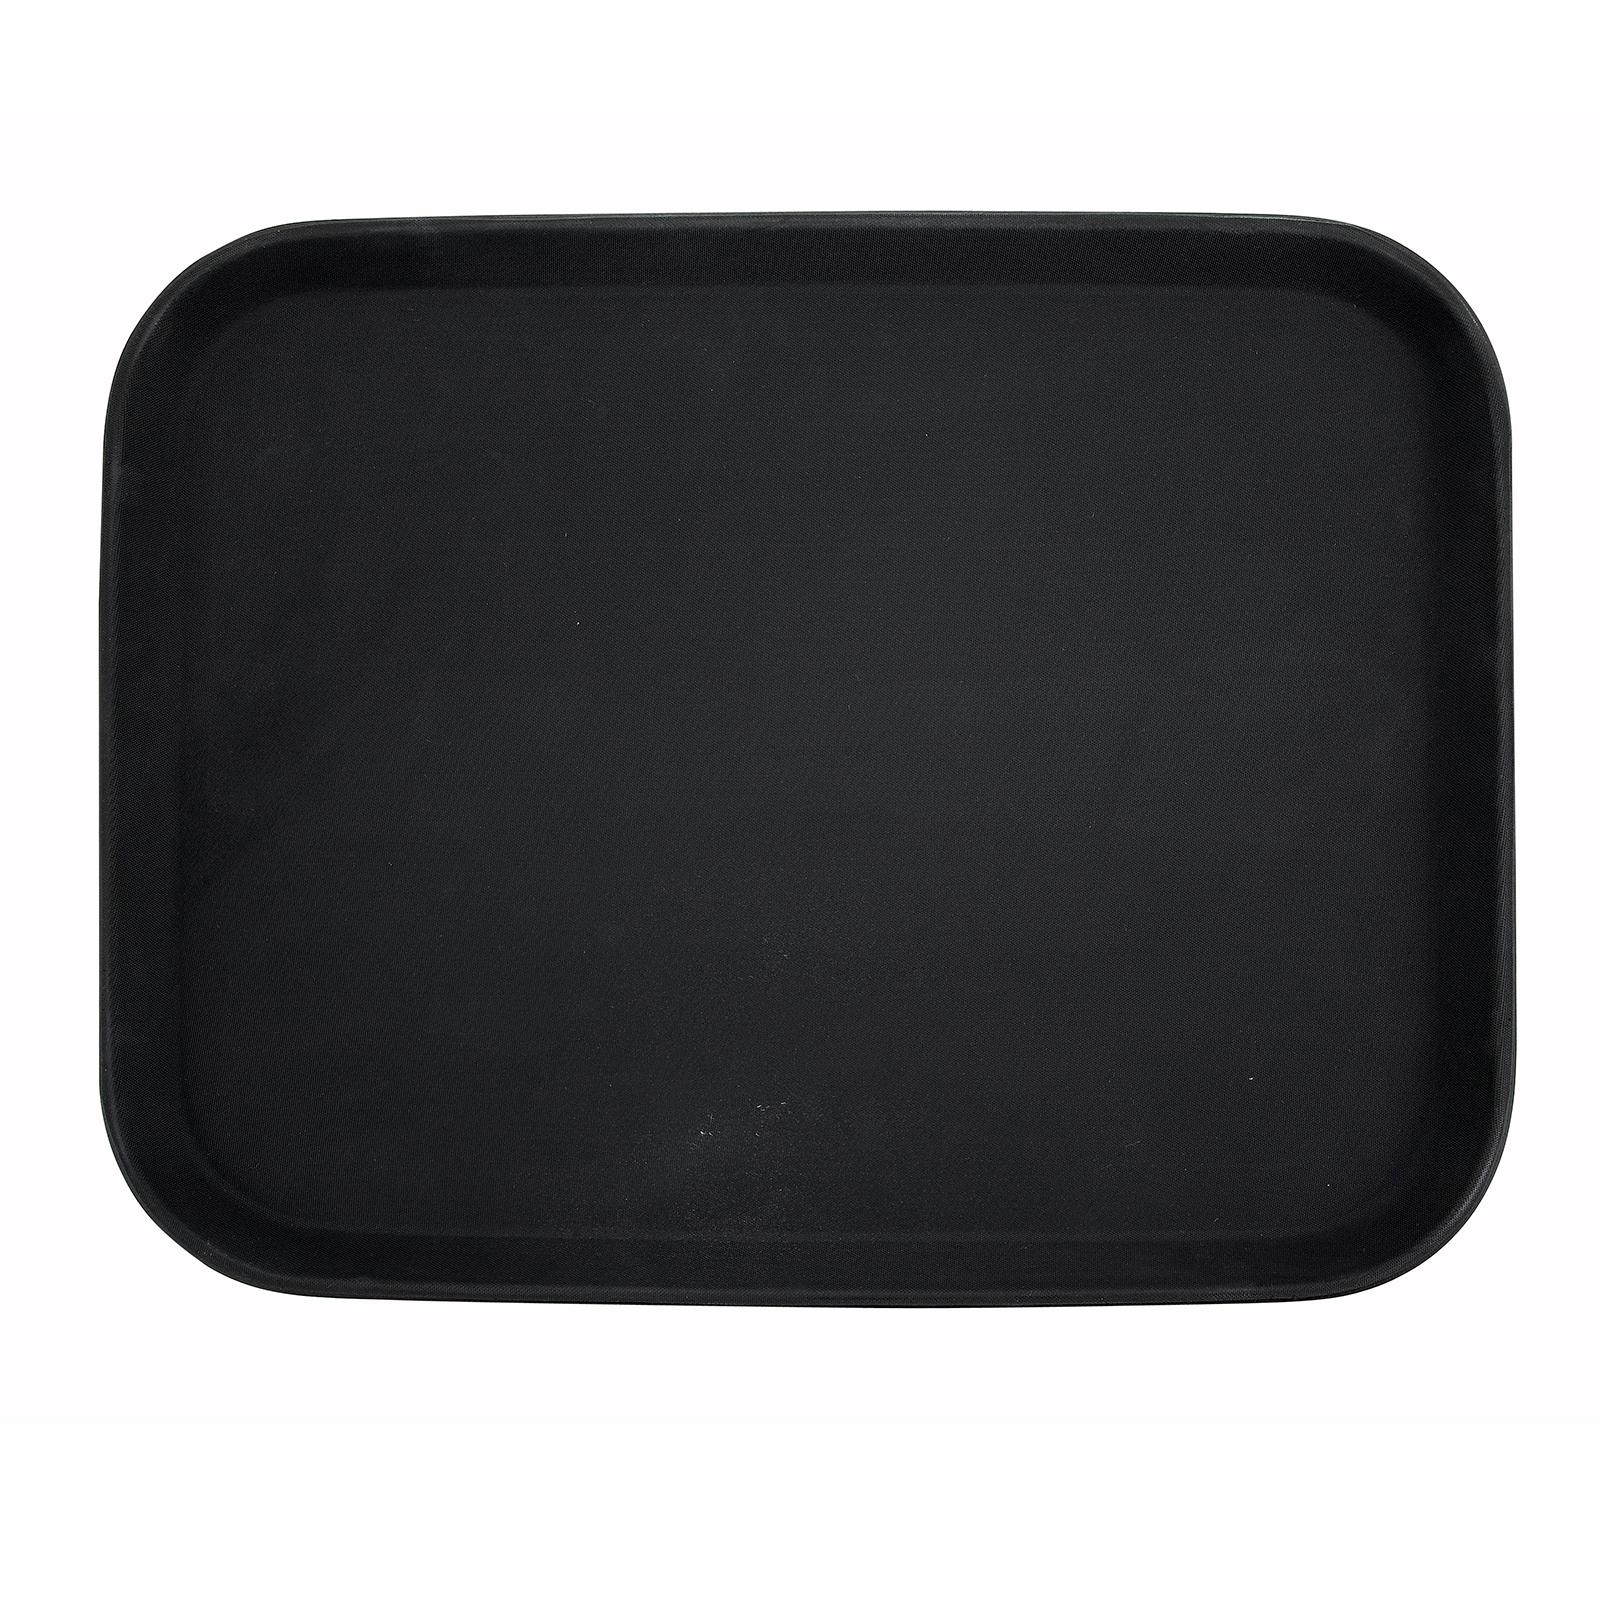 Winco TRH-1418K serving tray, non-skid